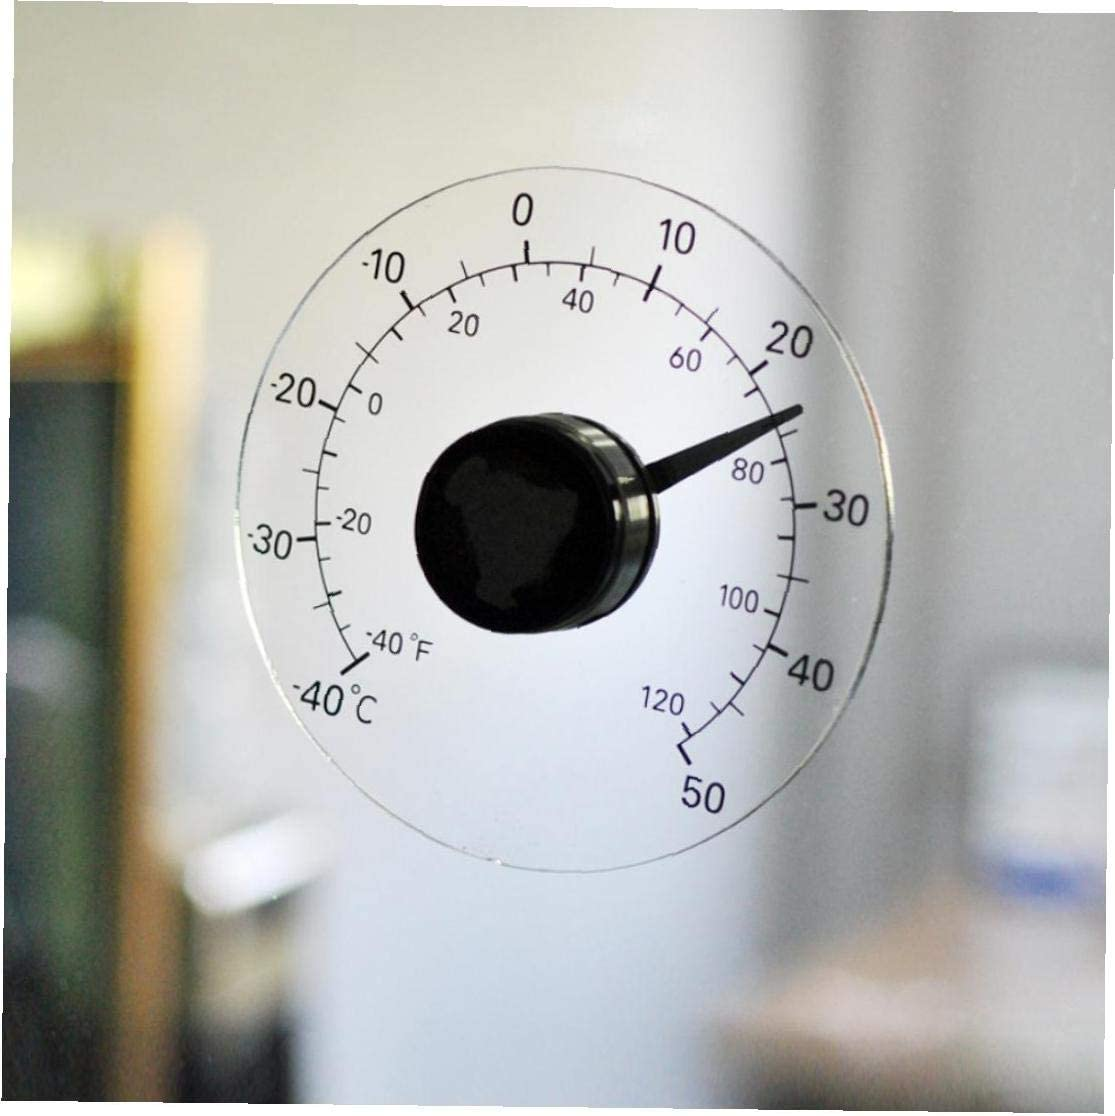 Term/ómetro Exterior Autoadhesivasfabricamos Puertas Y Ventana Transparente a Prueba De Agua Sin La Bater/ía Term/ómetro Pegar Medidor De Temperatura para 1pc Al Aire Libre